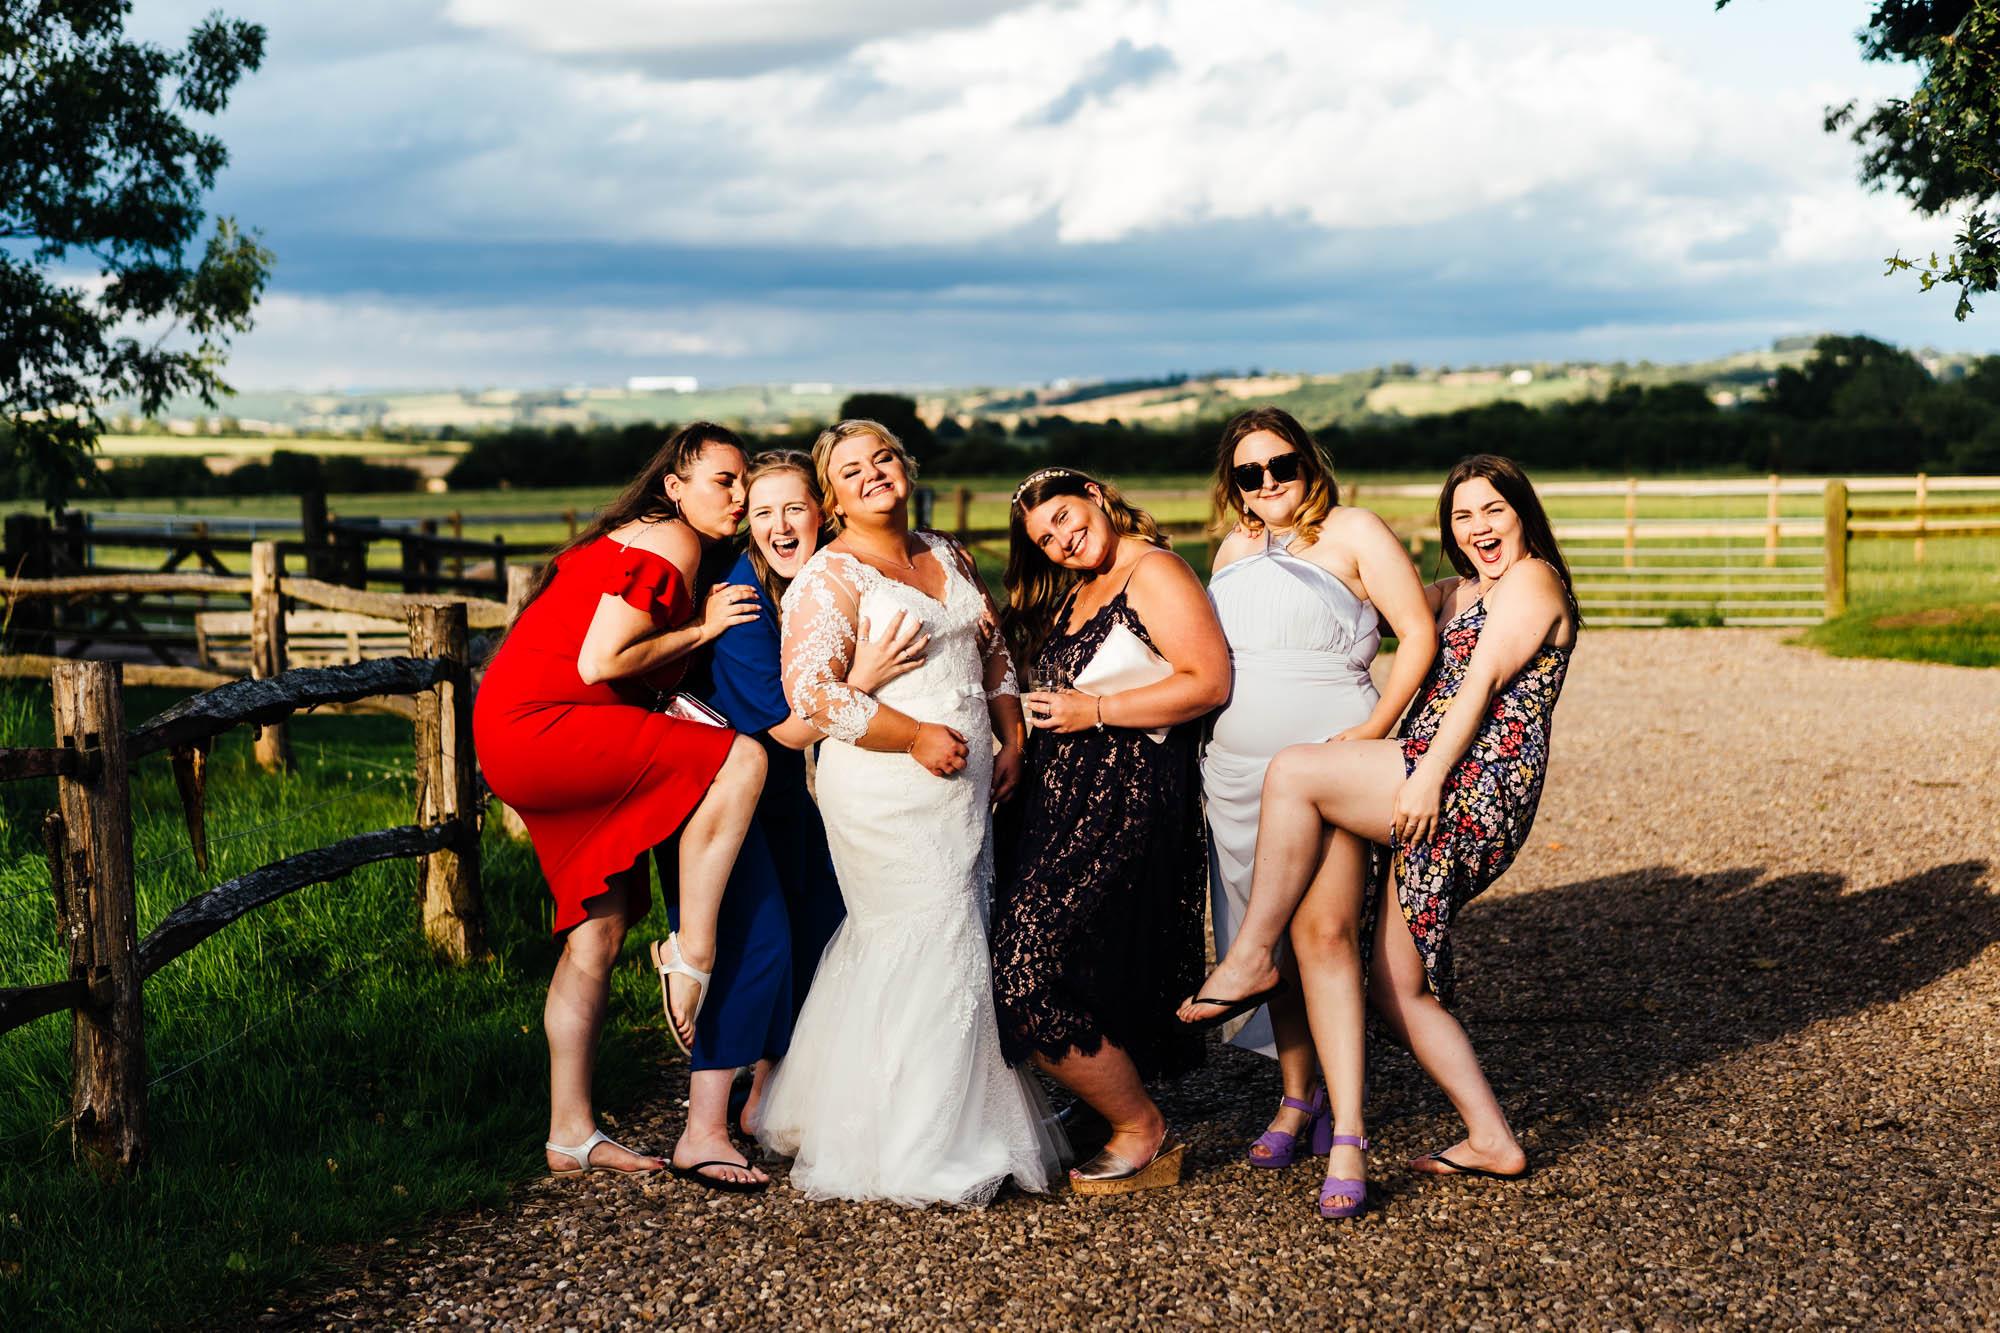 wedding-at-park-farm-shuckburgj-66